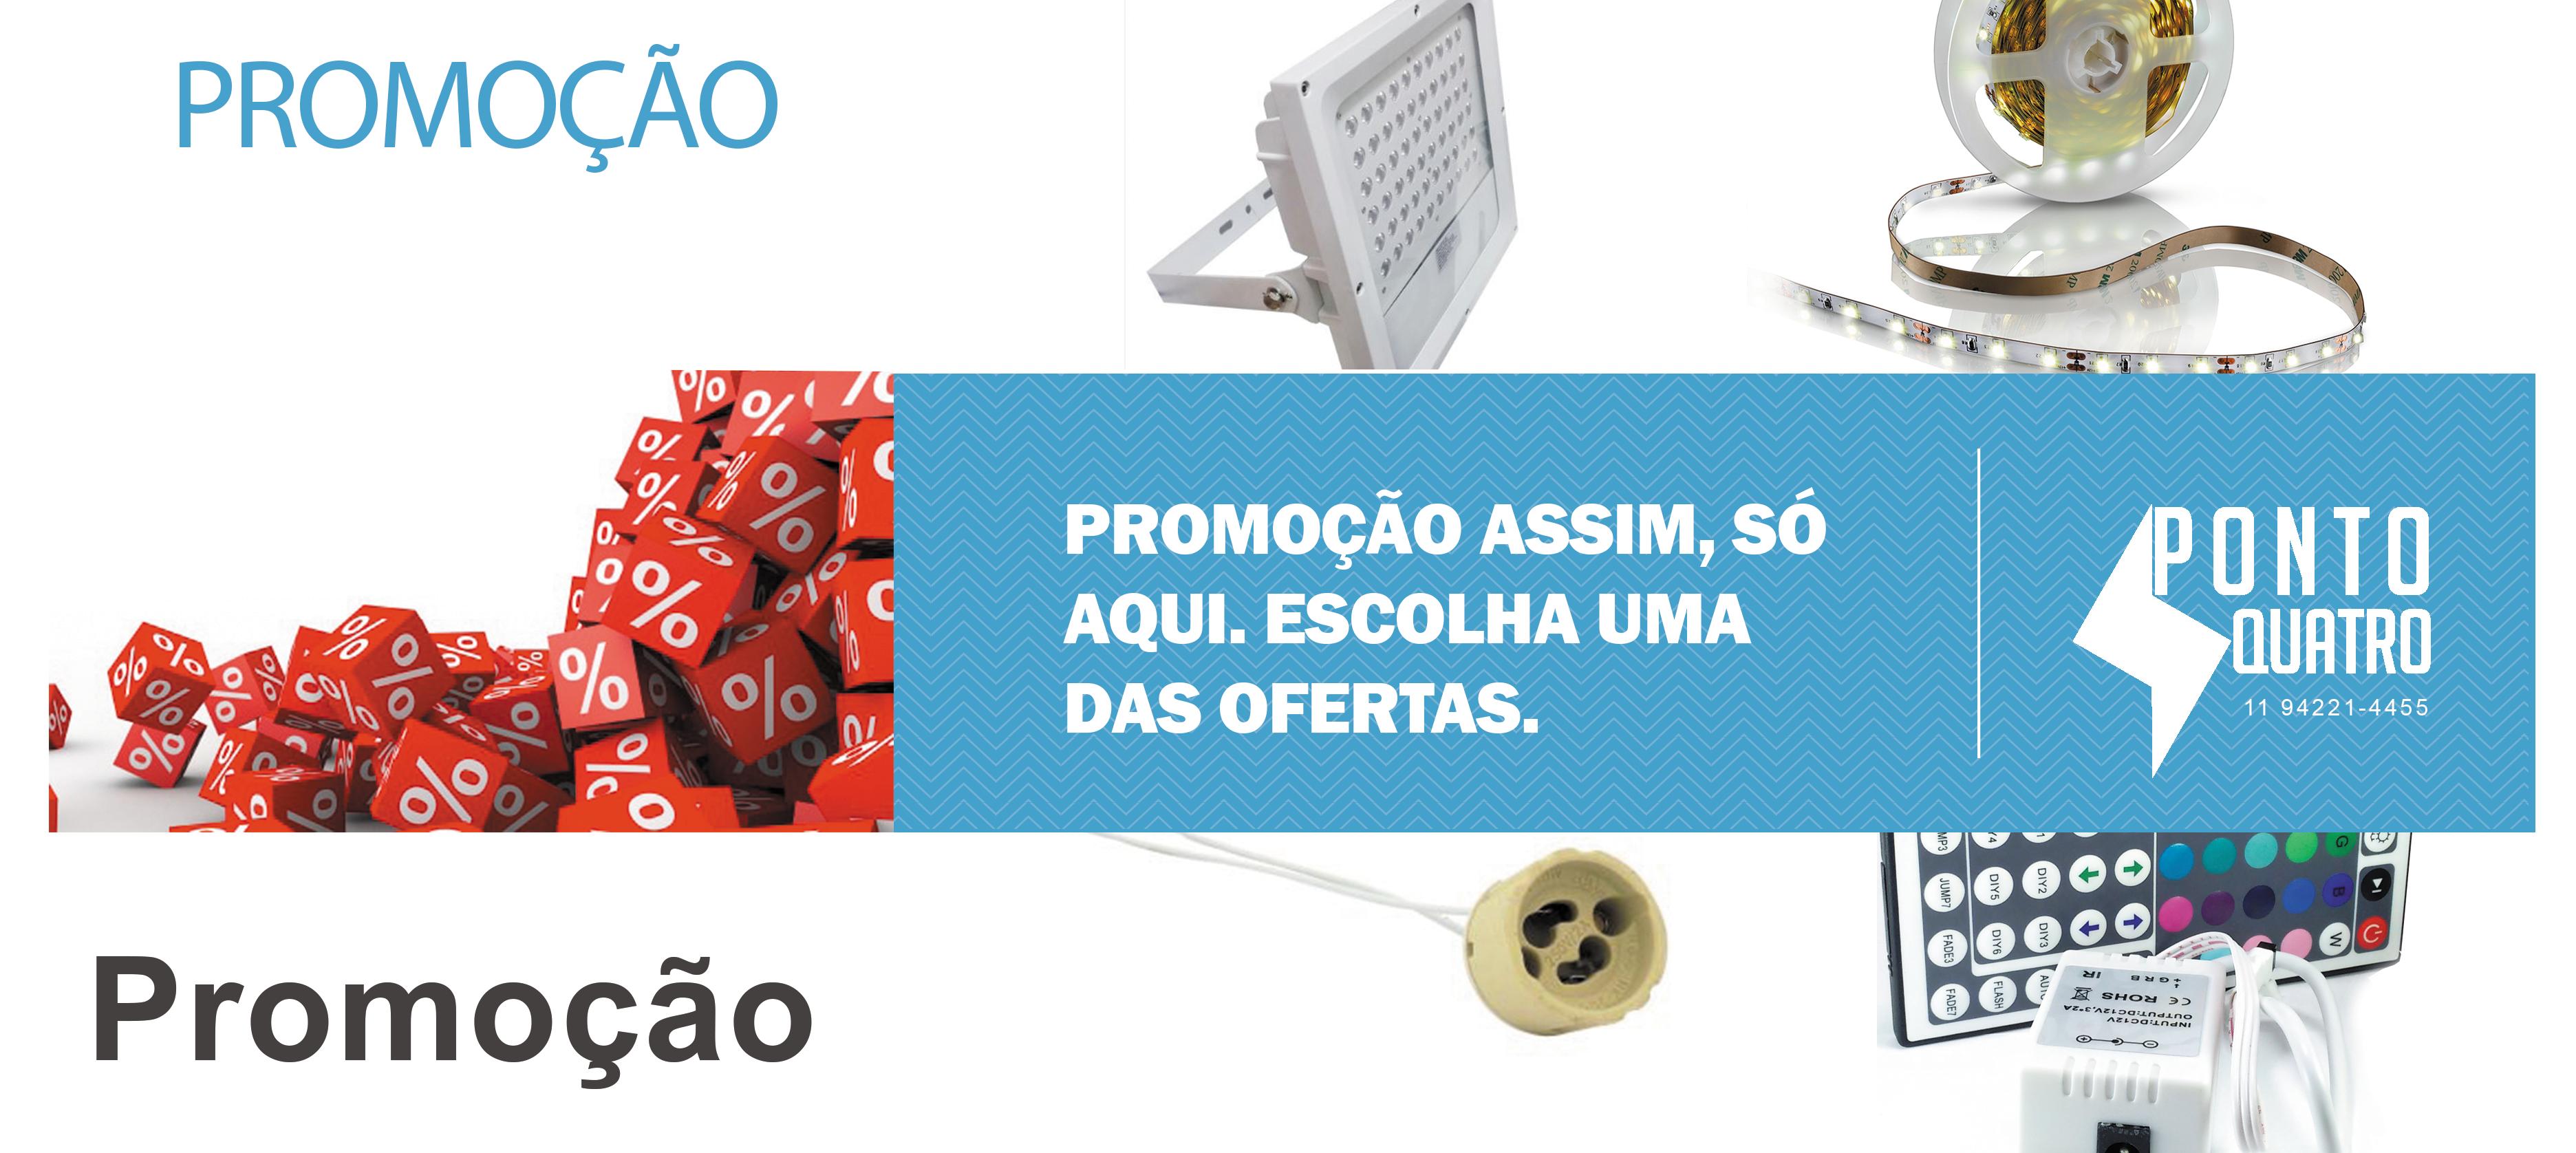 Promoções/catálogo